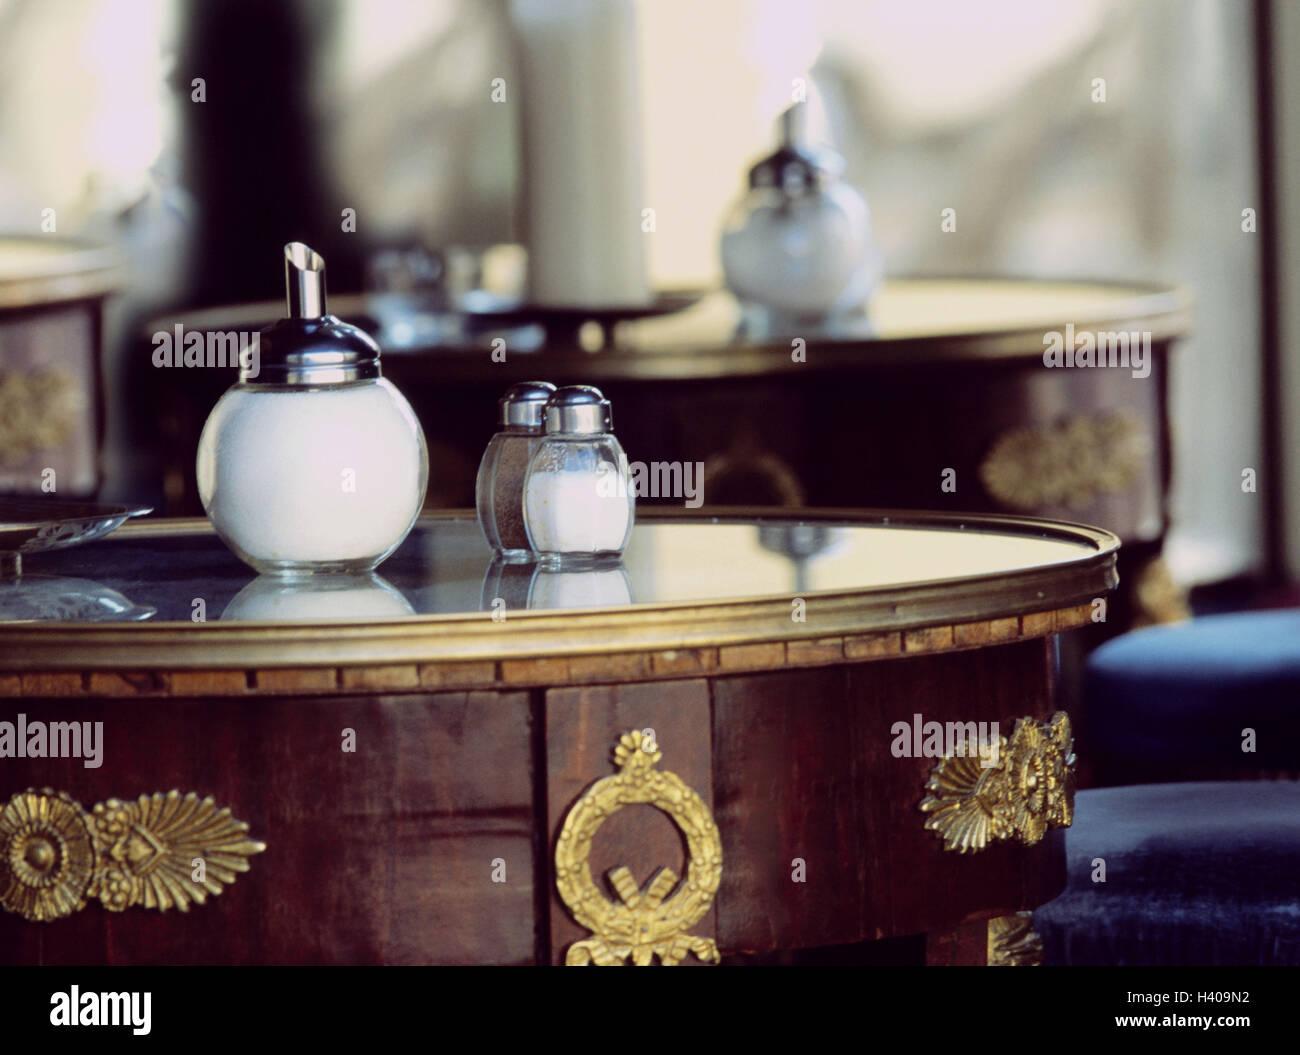 Cafe, Tischen, Detail, Bar, leer, unbeaufsichtigt, Tisch, Zucker ...